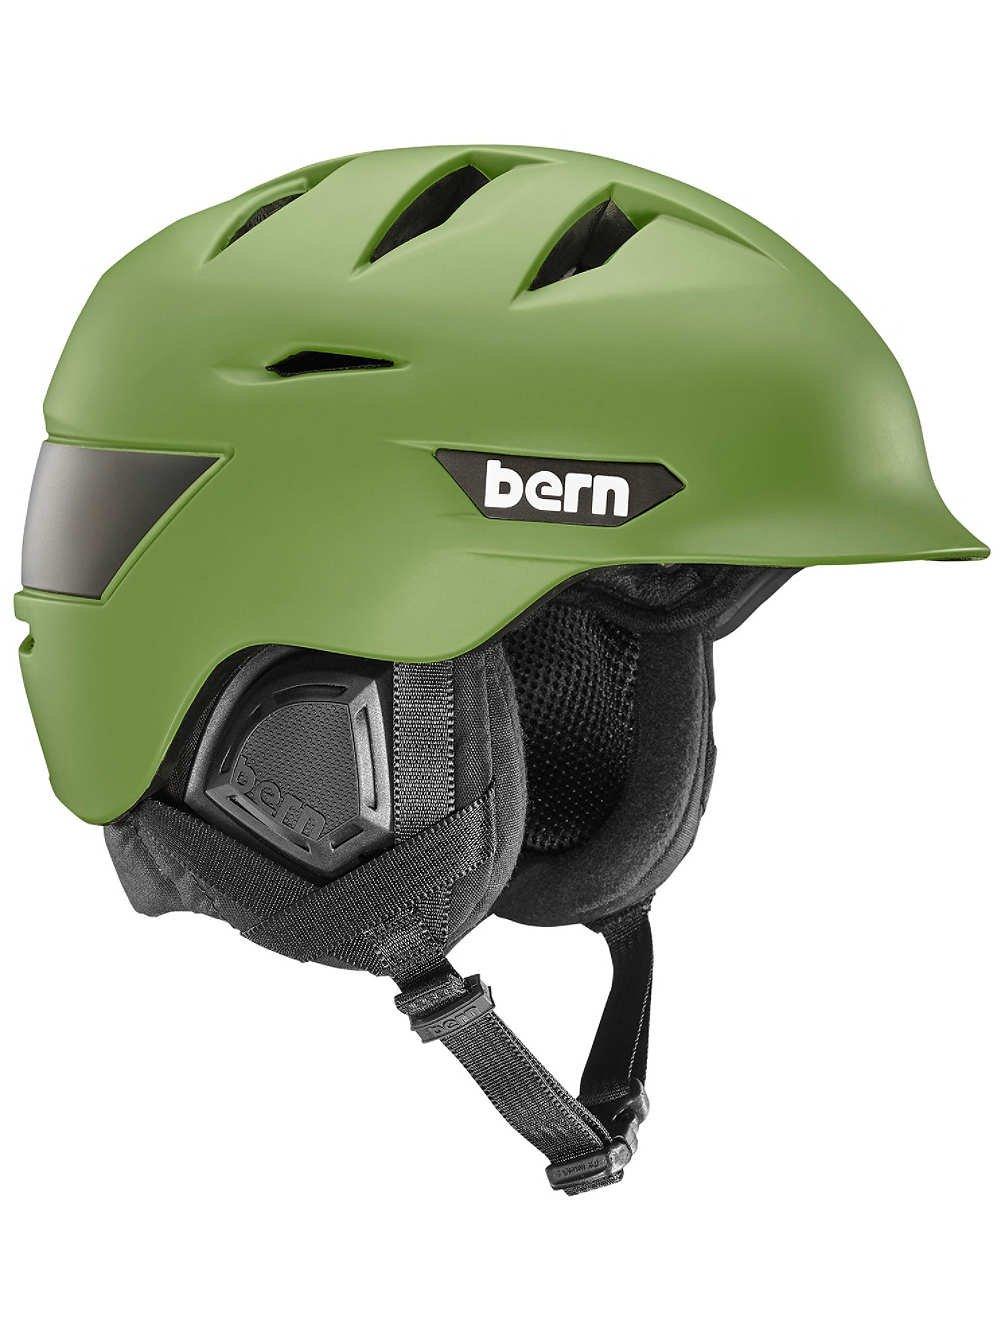 大特価 Bernヘルメット – BernヘルメットRollins – マットブラック B01M1G79TC S green –/M|matte B01M1G79TC fatigue green matte fatigue green S/M, 茅部郡:e2014b09 --- a0267596.xsph.ru